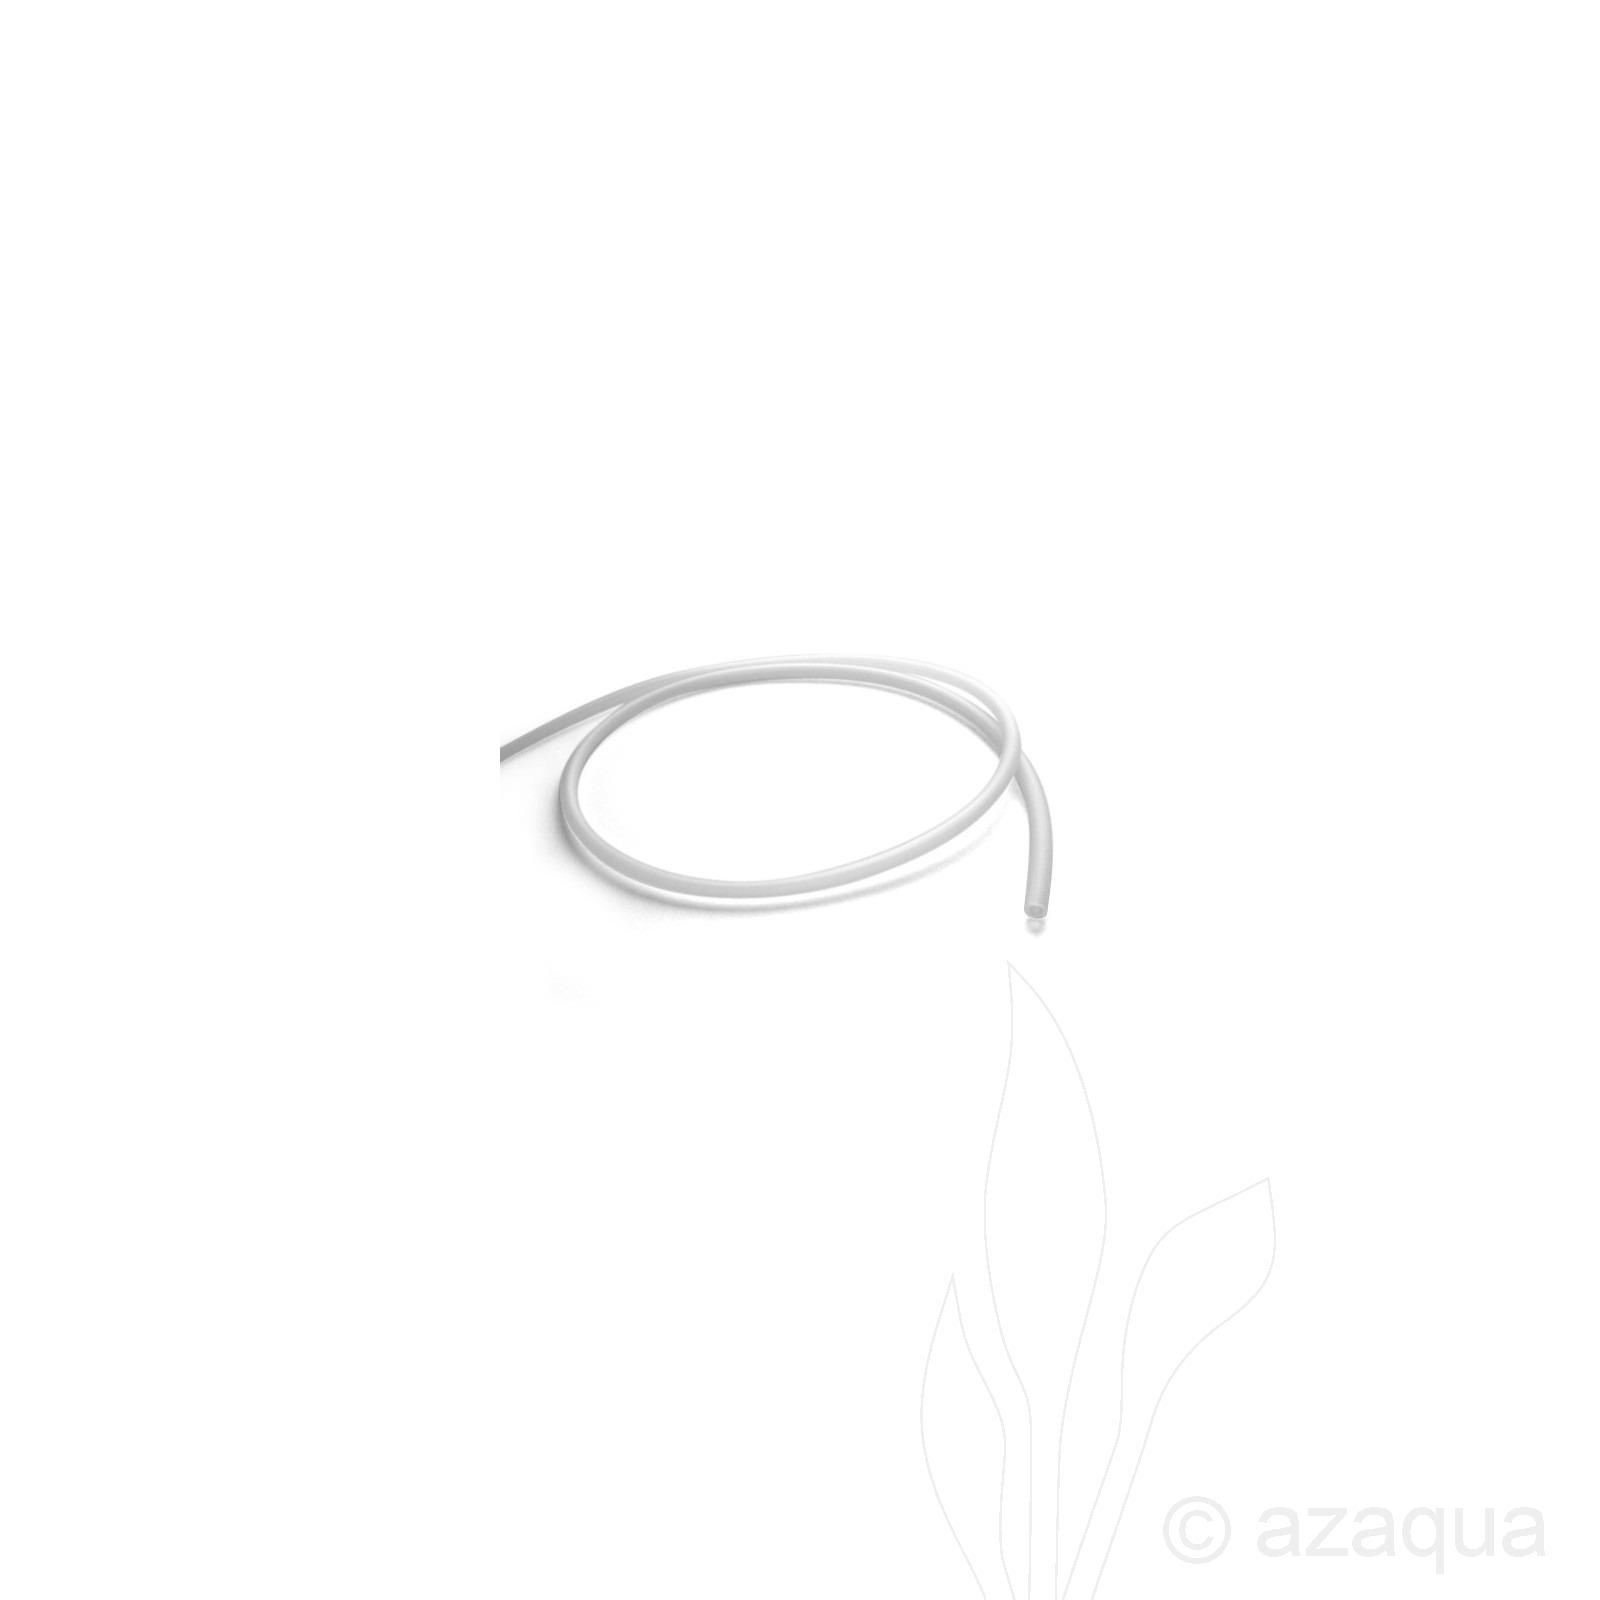 CO2 hose (flexible) per m